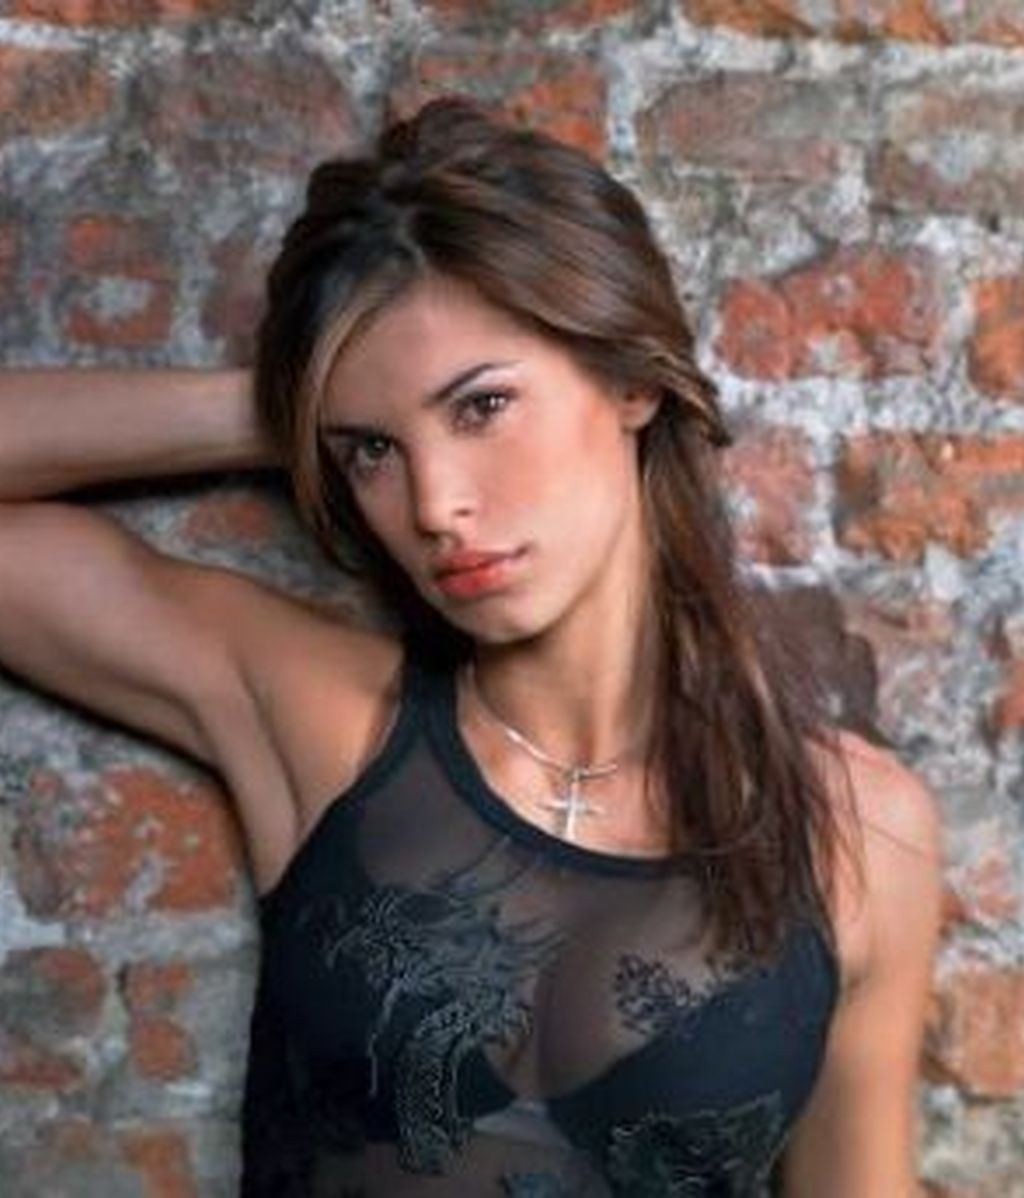 Elisabetta Canalis aparece implicada en una investigación sobre tráfico de drogas y prostitución que realiza la policia italiana.